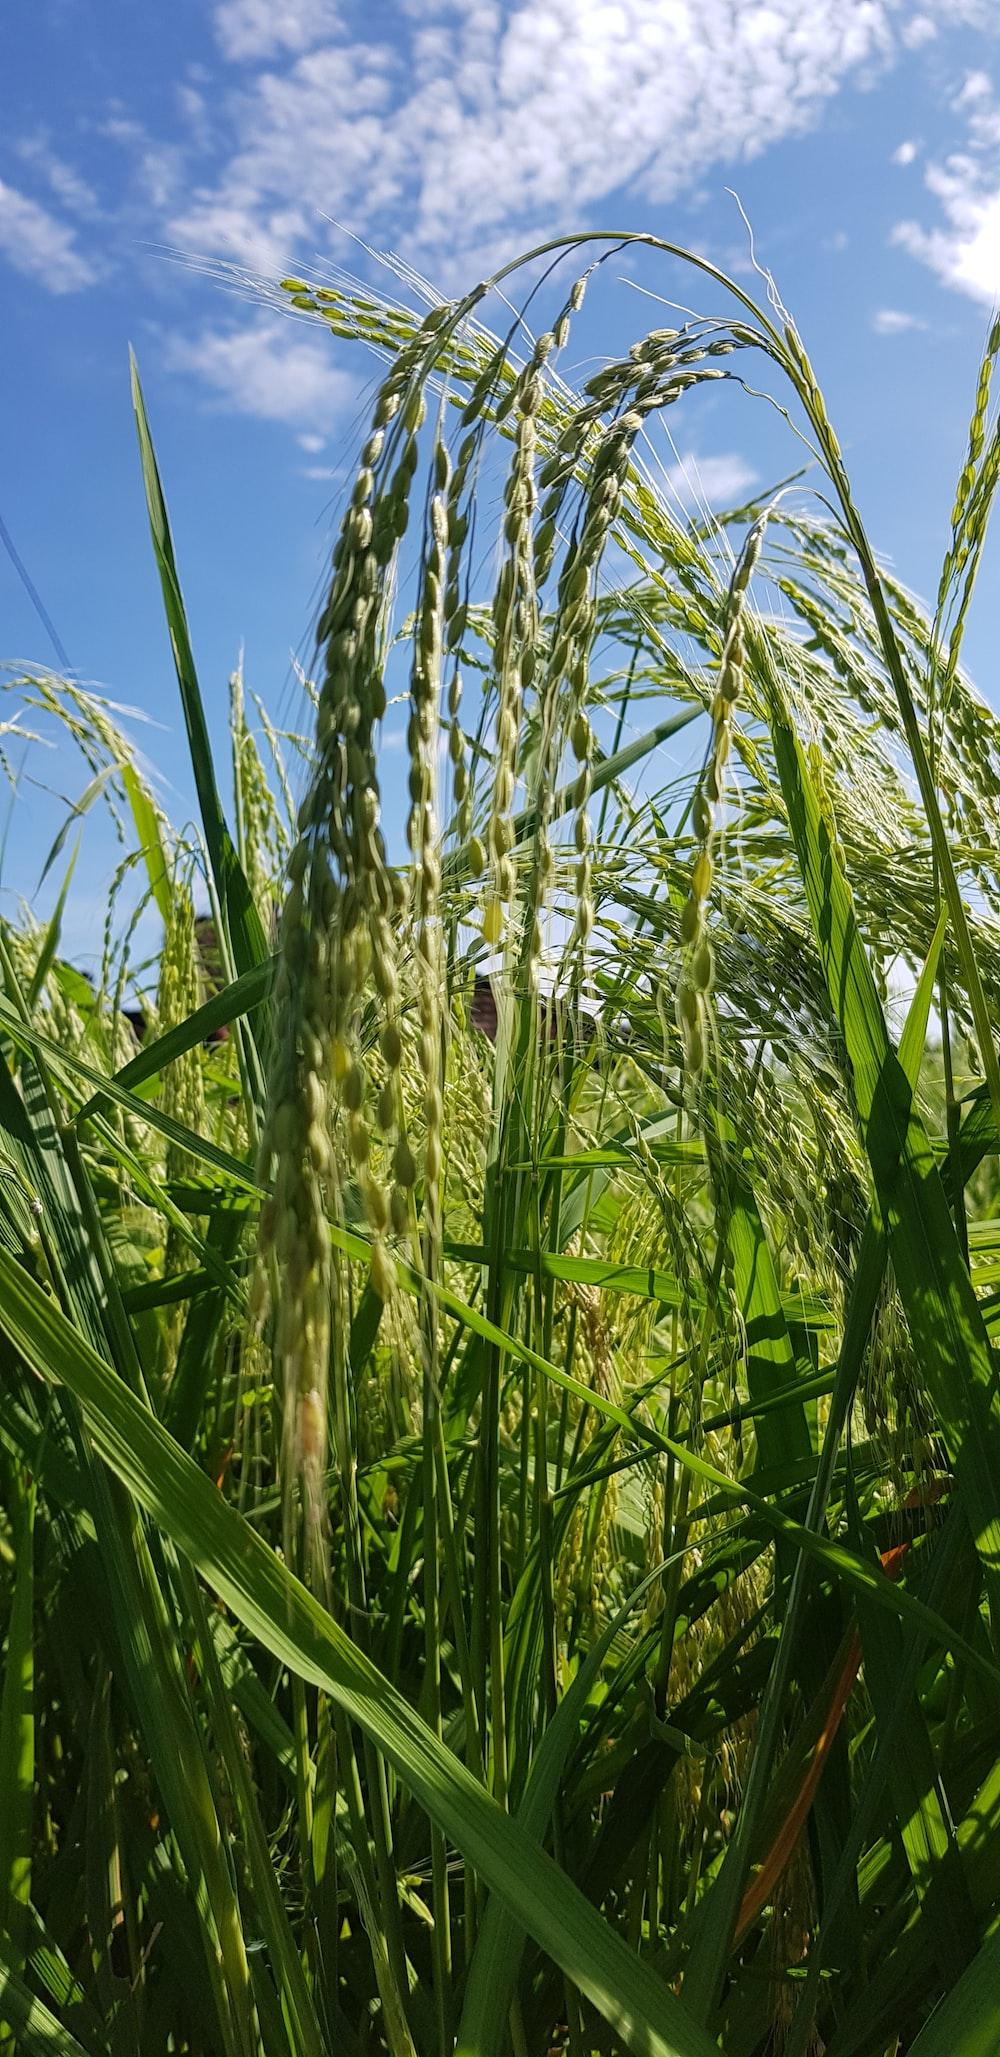 green tall grass